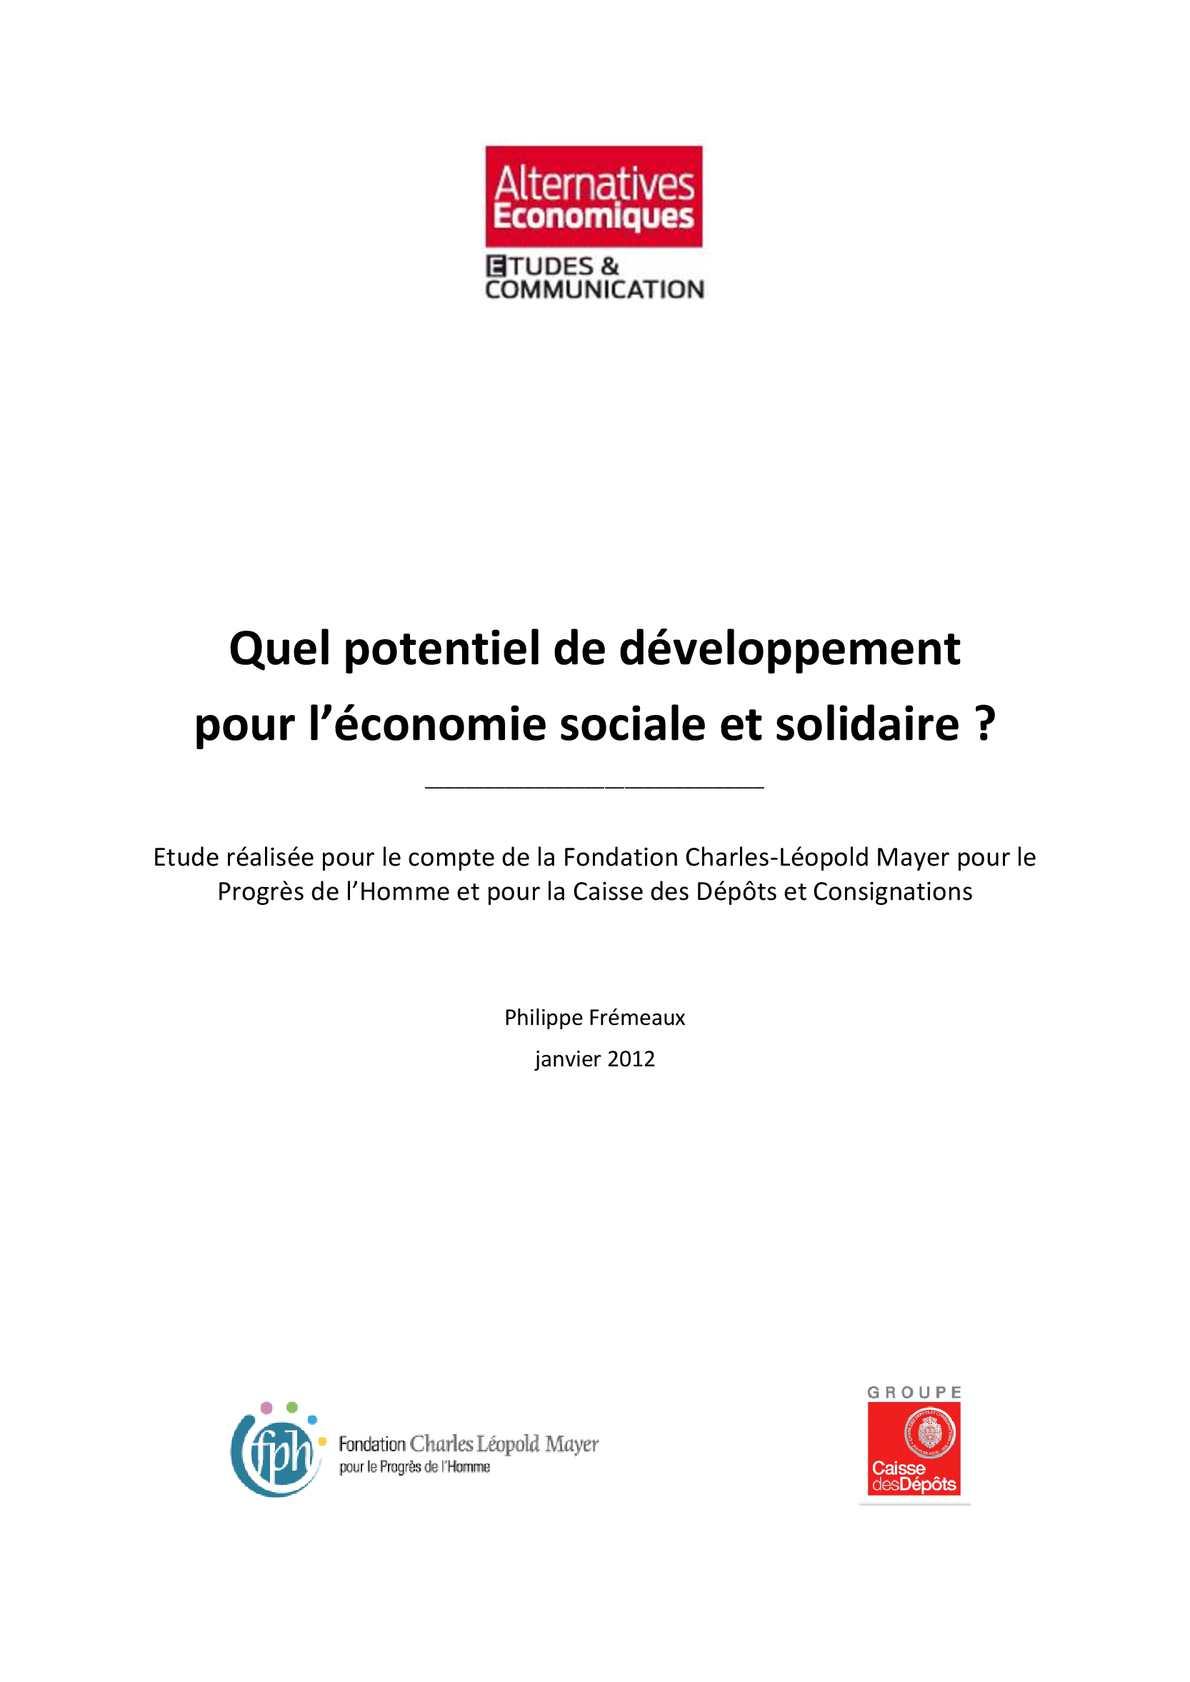 Calaméo - Le développement potentiel de l Ess 4c46ceadd9fa